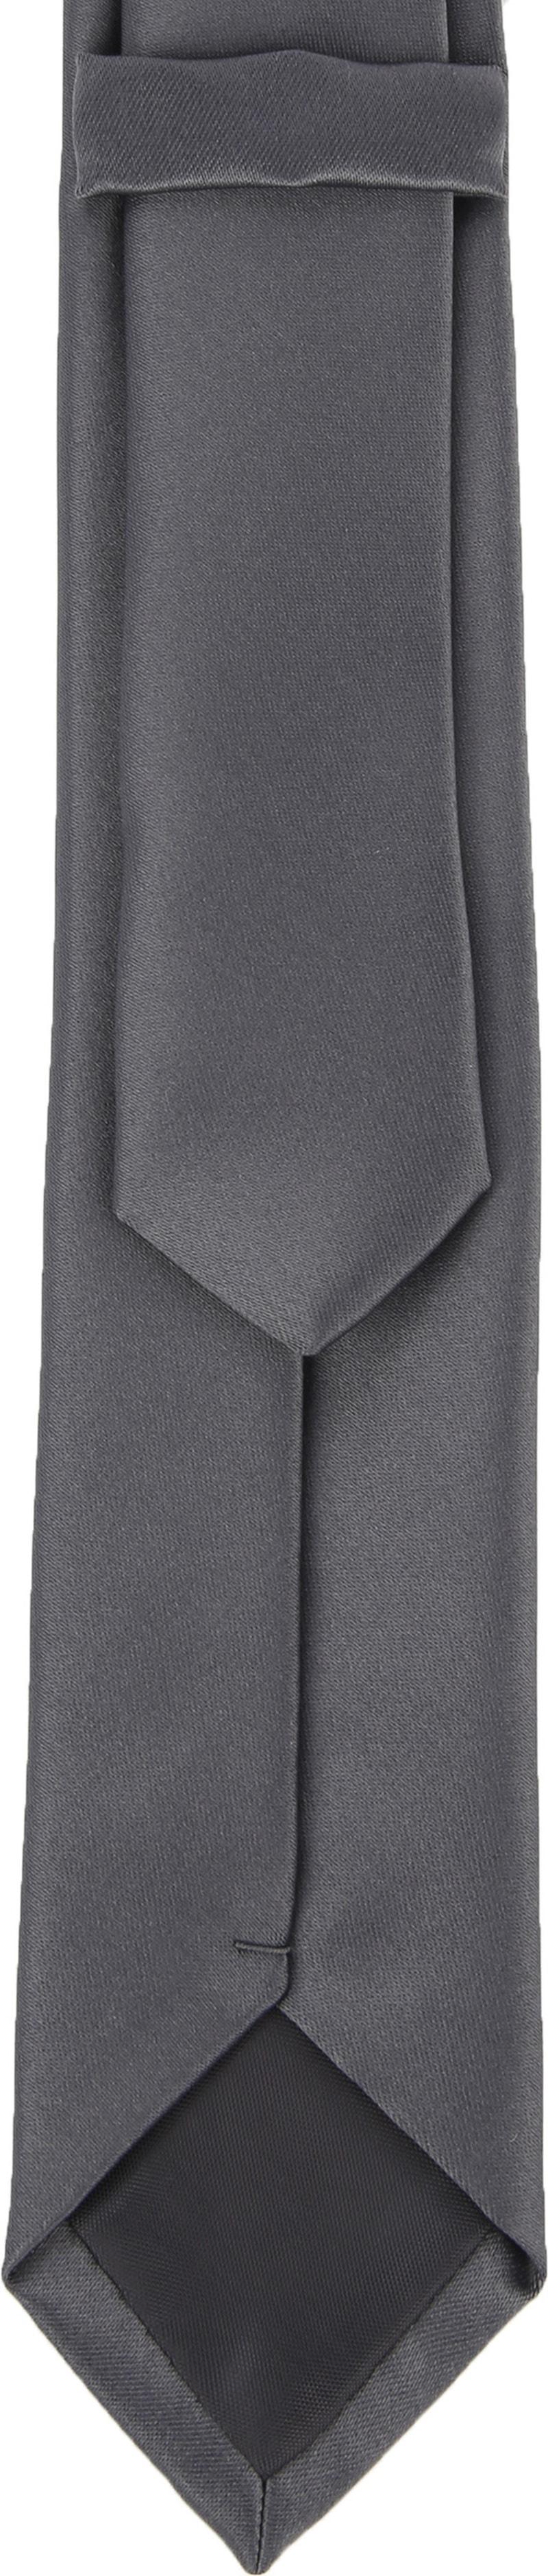 Suitable Tie Dark Grey 906 photo 2